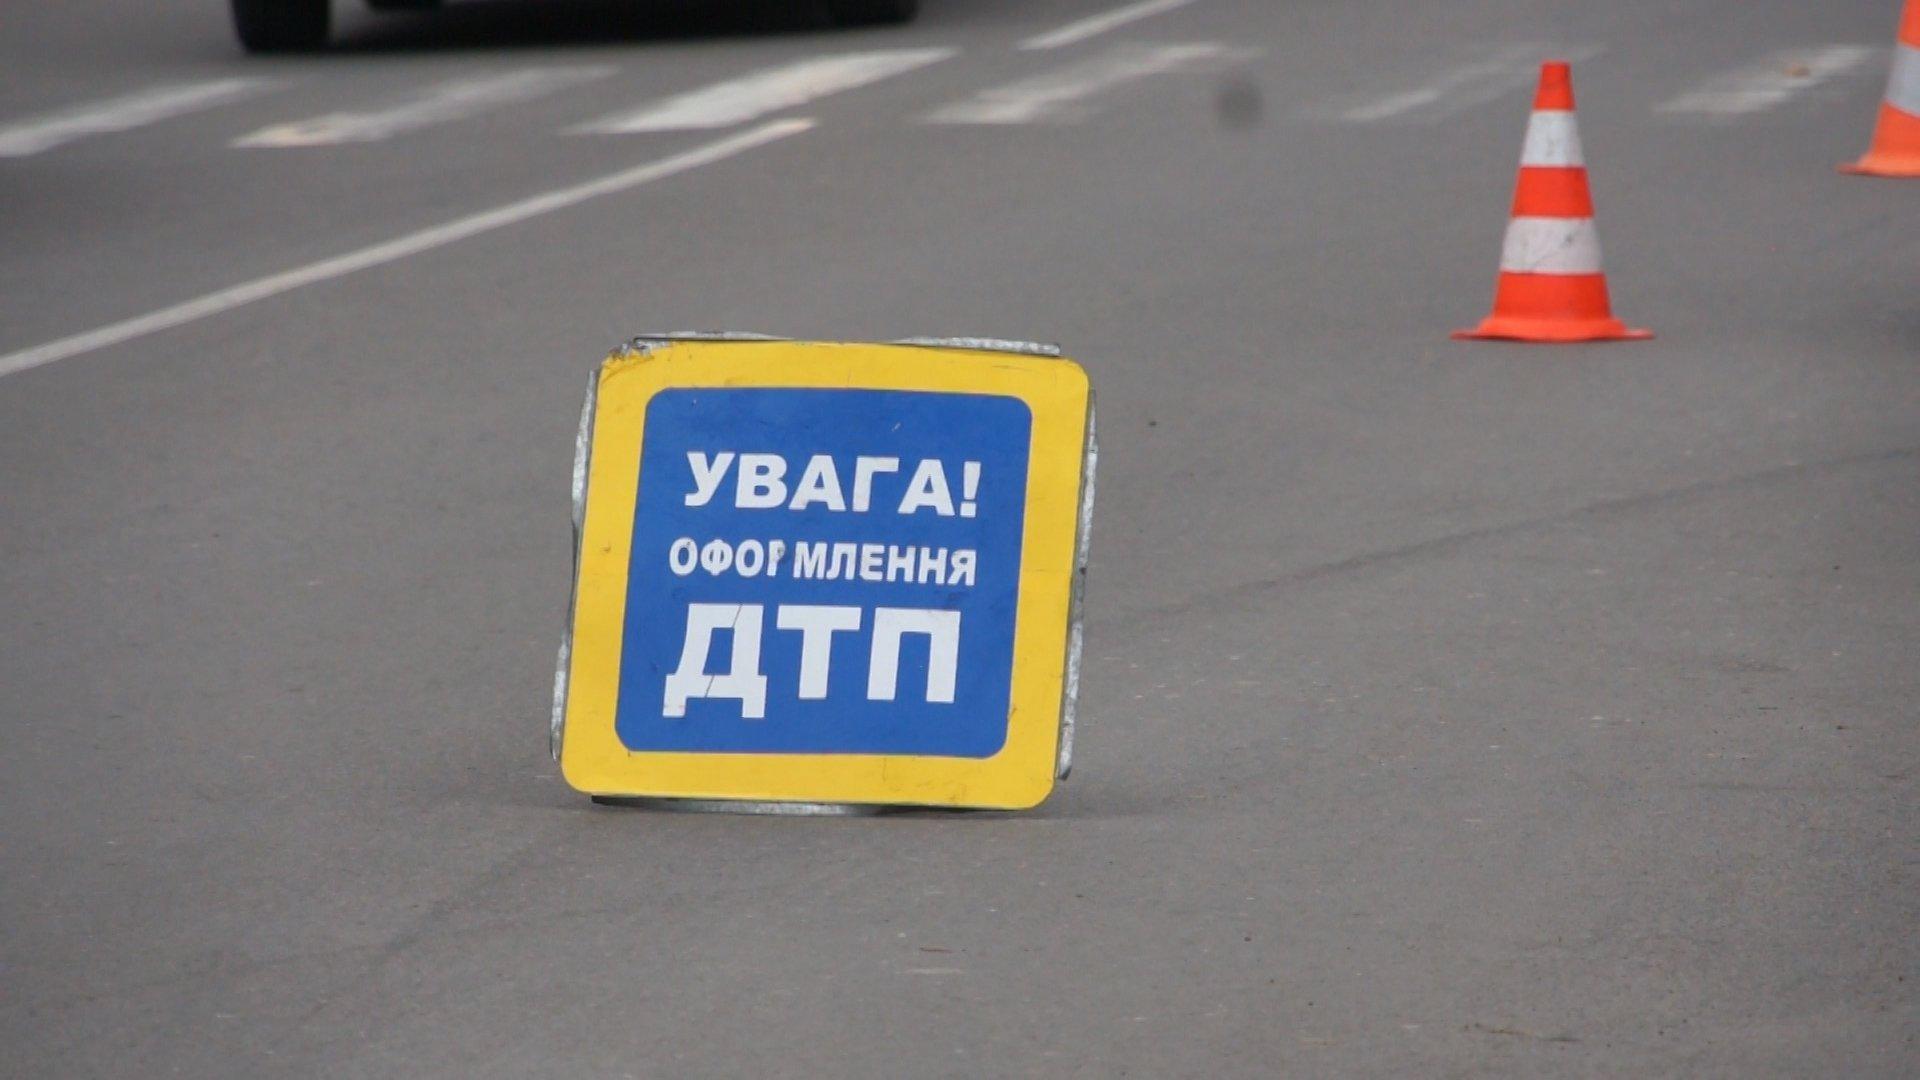 Автівка вилетіла на тротуар: у центрі Києва сталася серйозна аварія